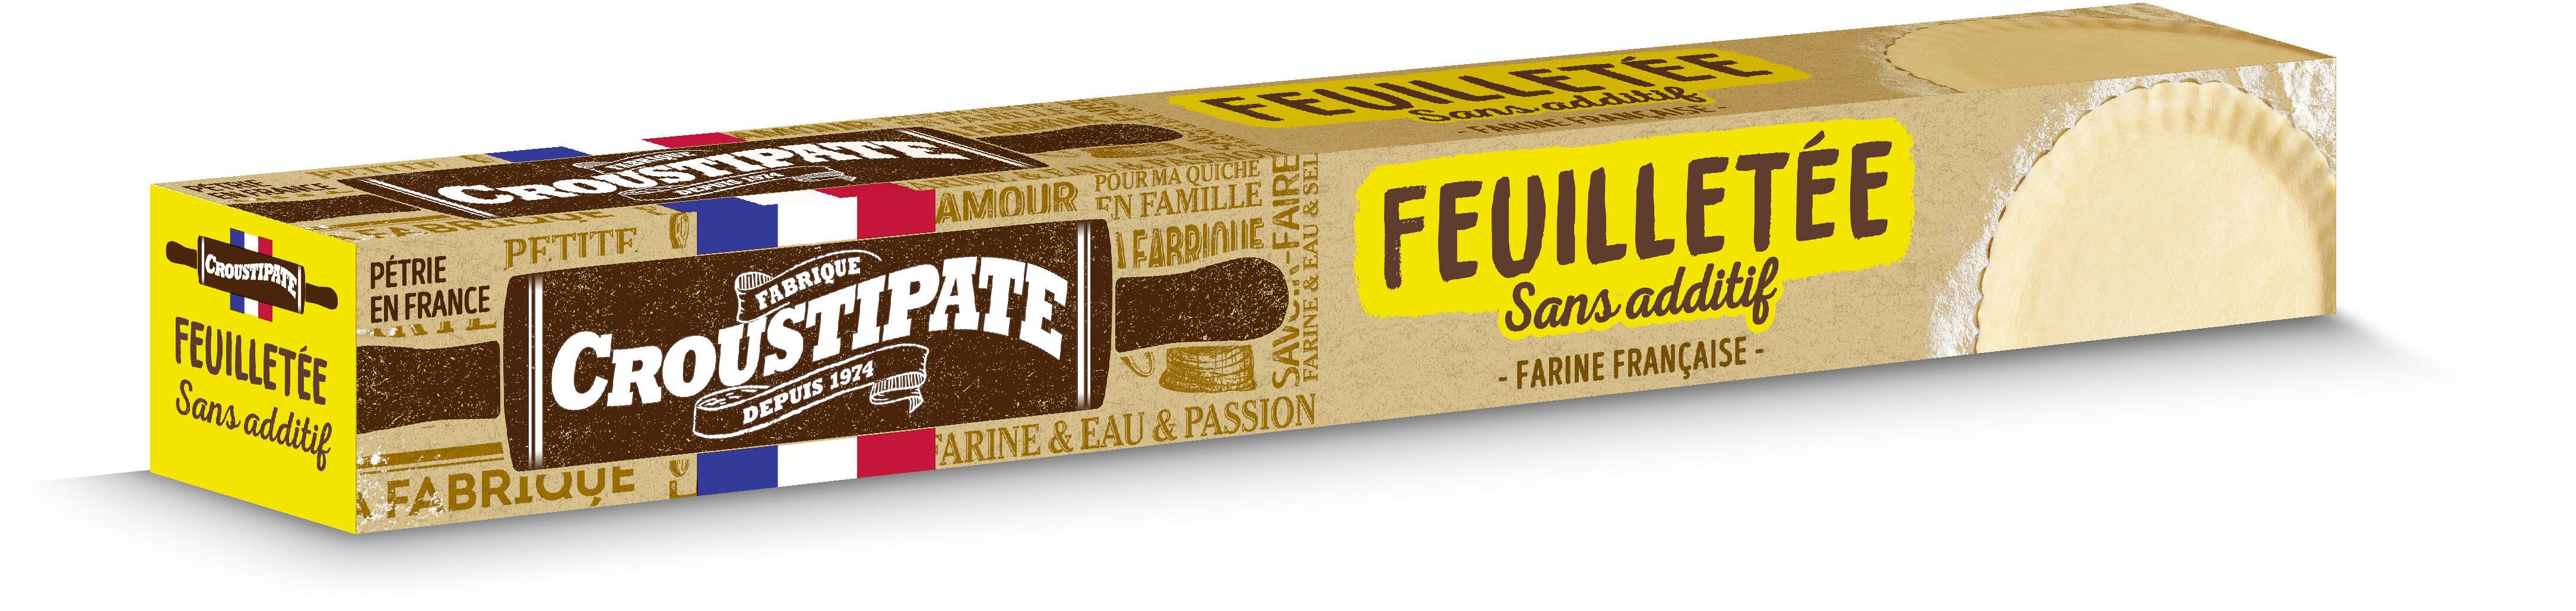 Pâte feuilletée sans additif - Product - fr